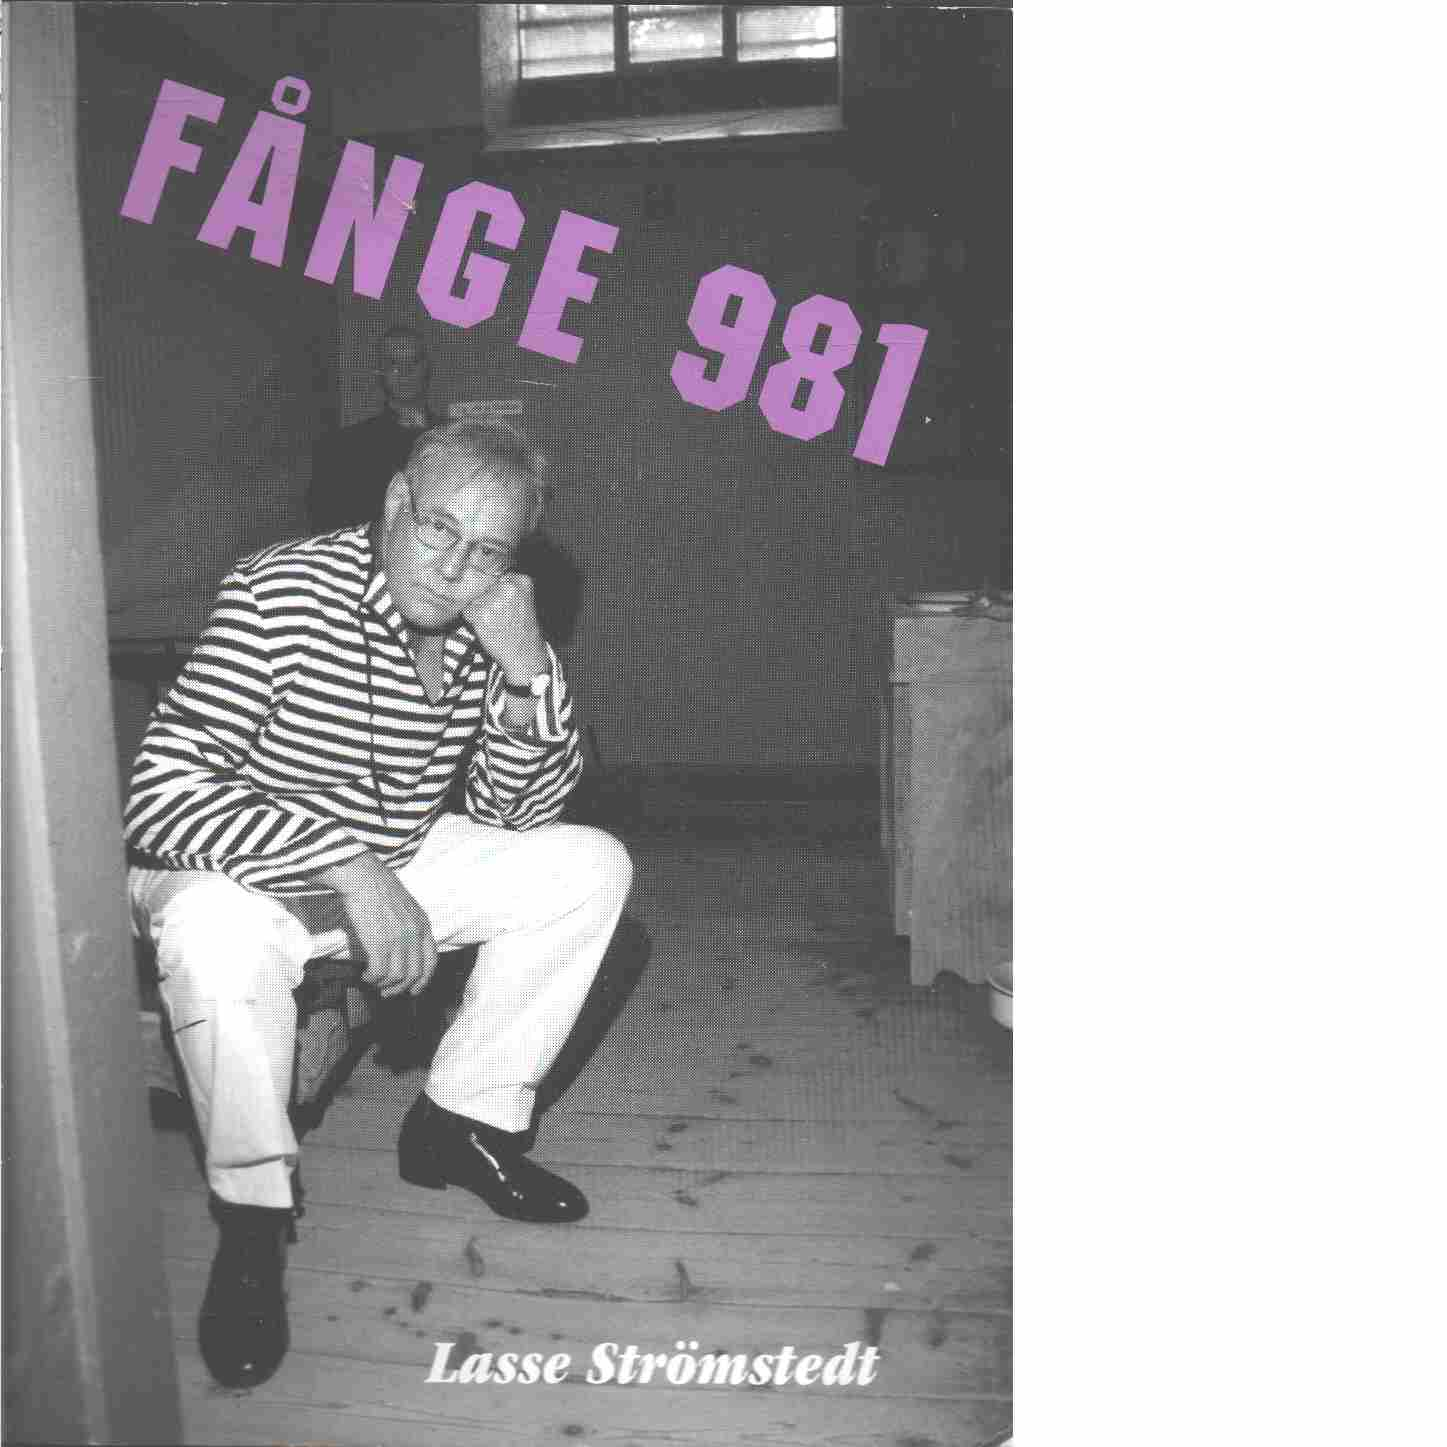 Fånge 981 - Strömstedt, Lasse